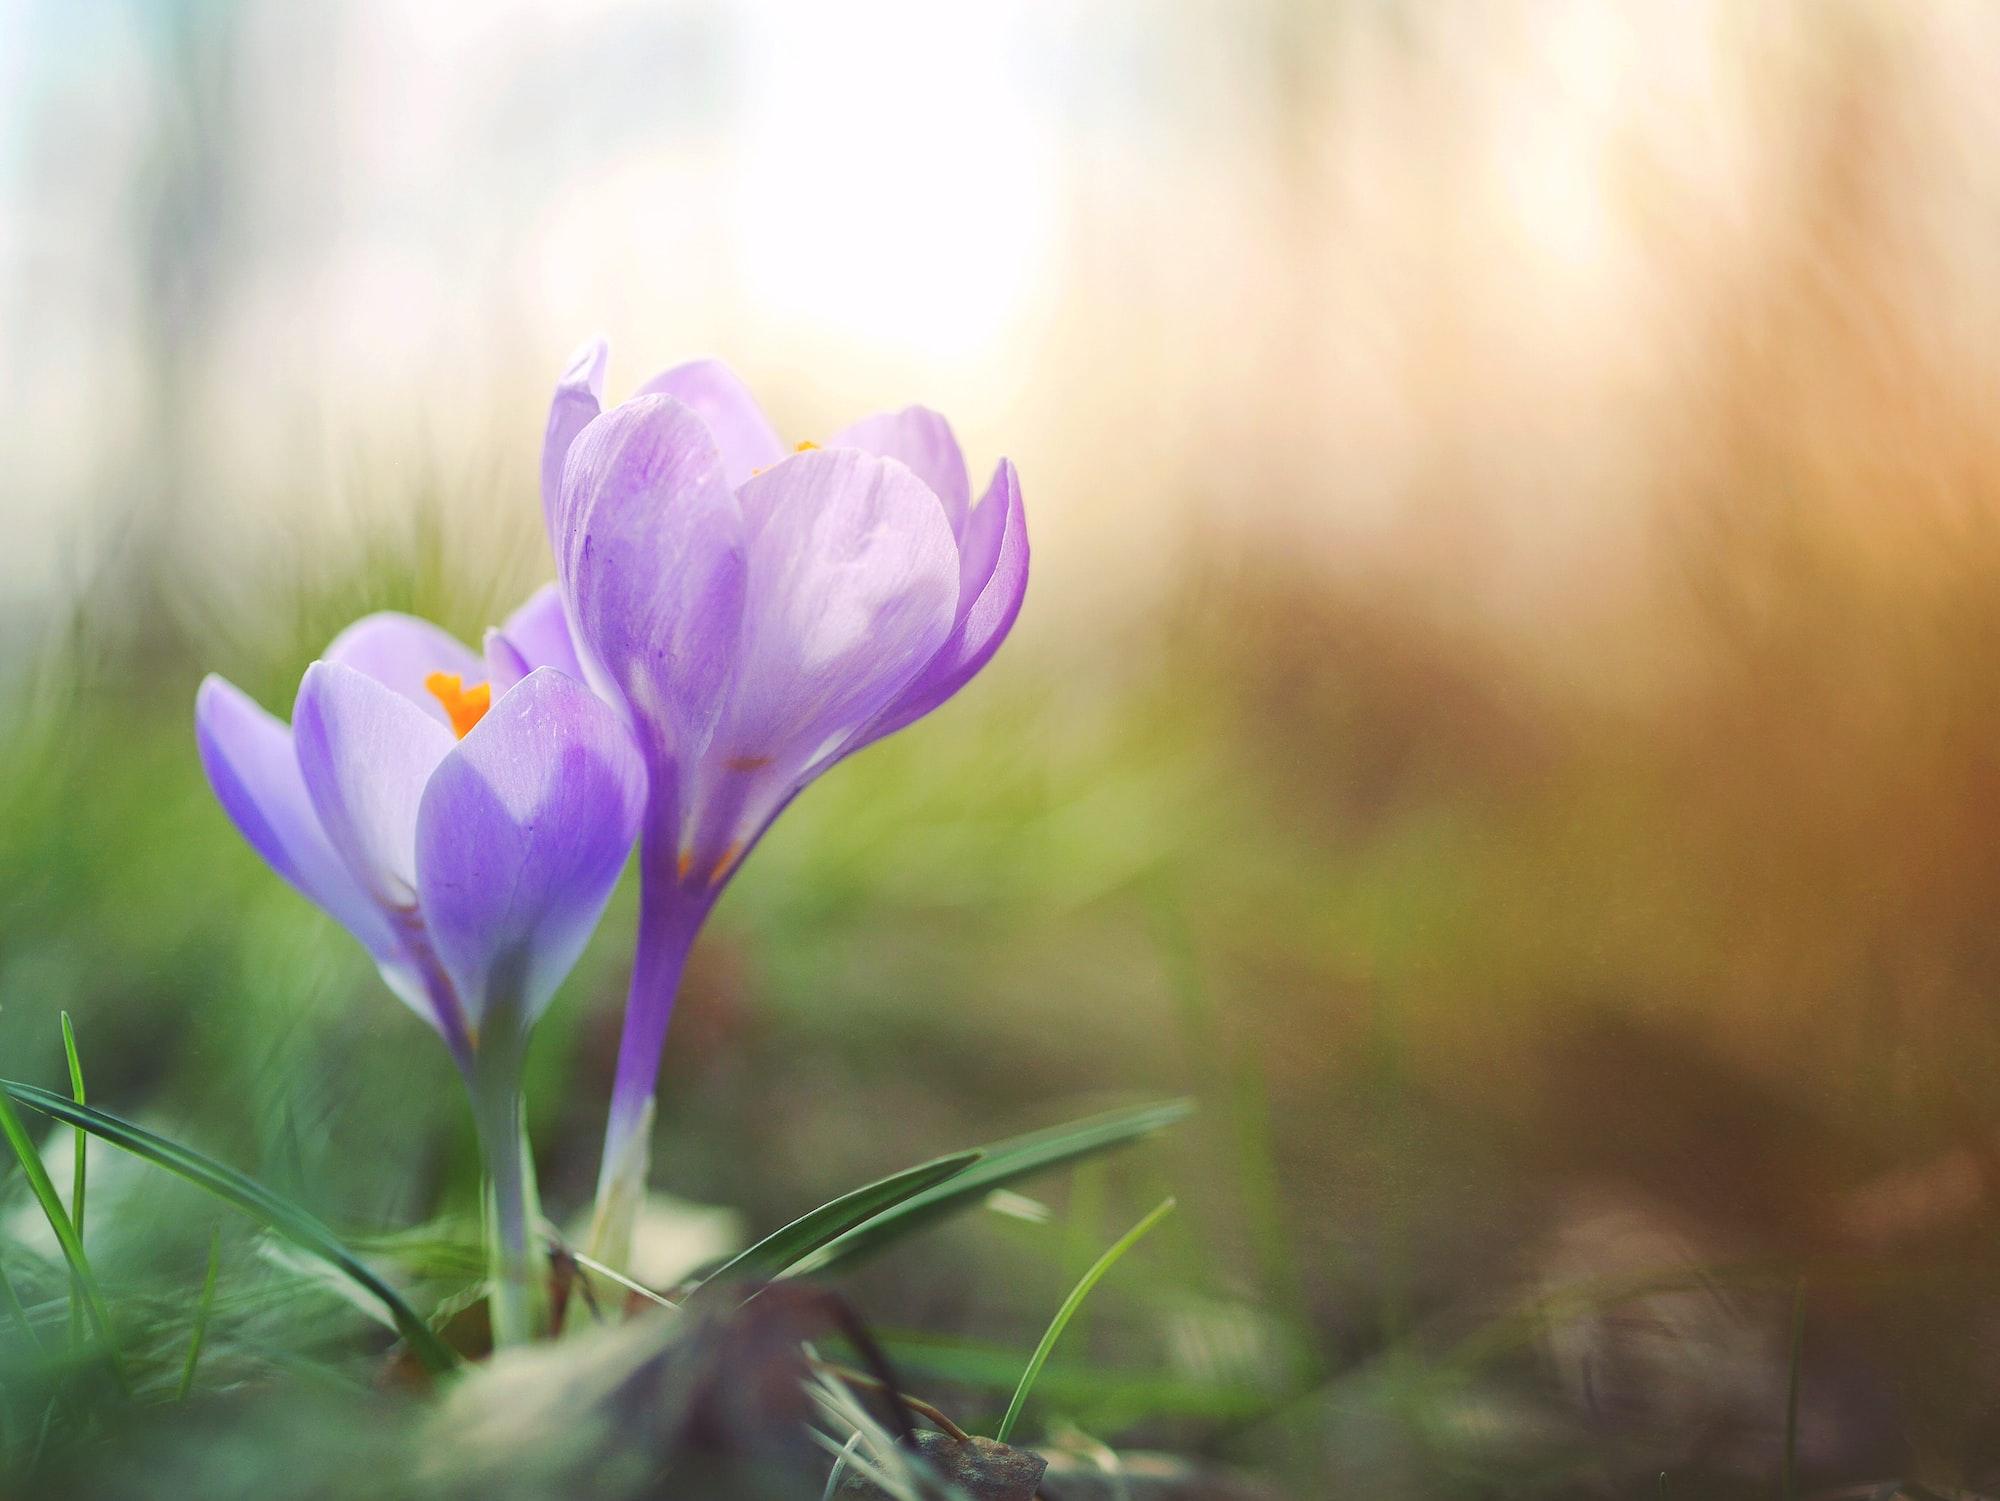 crocus-pair-bloom